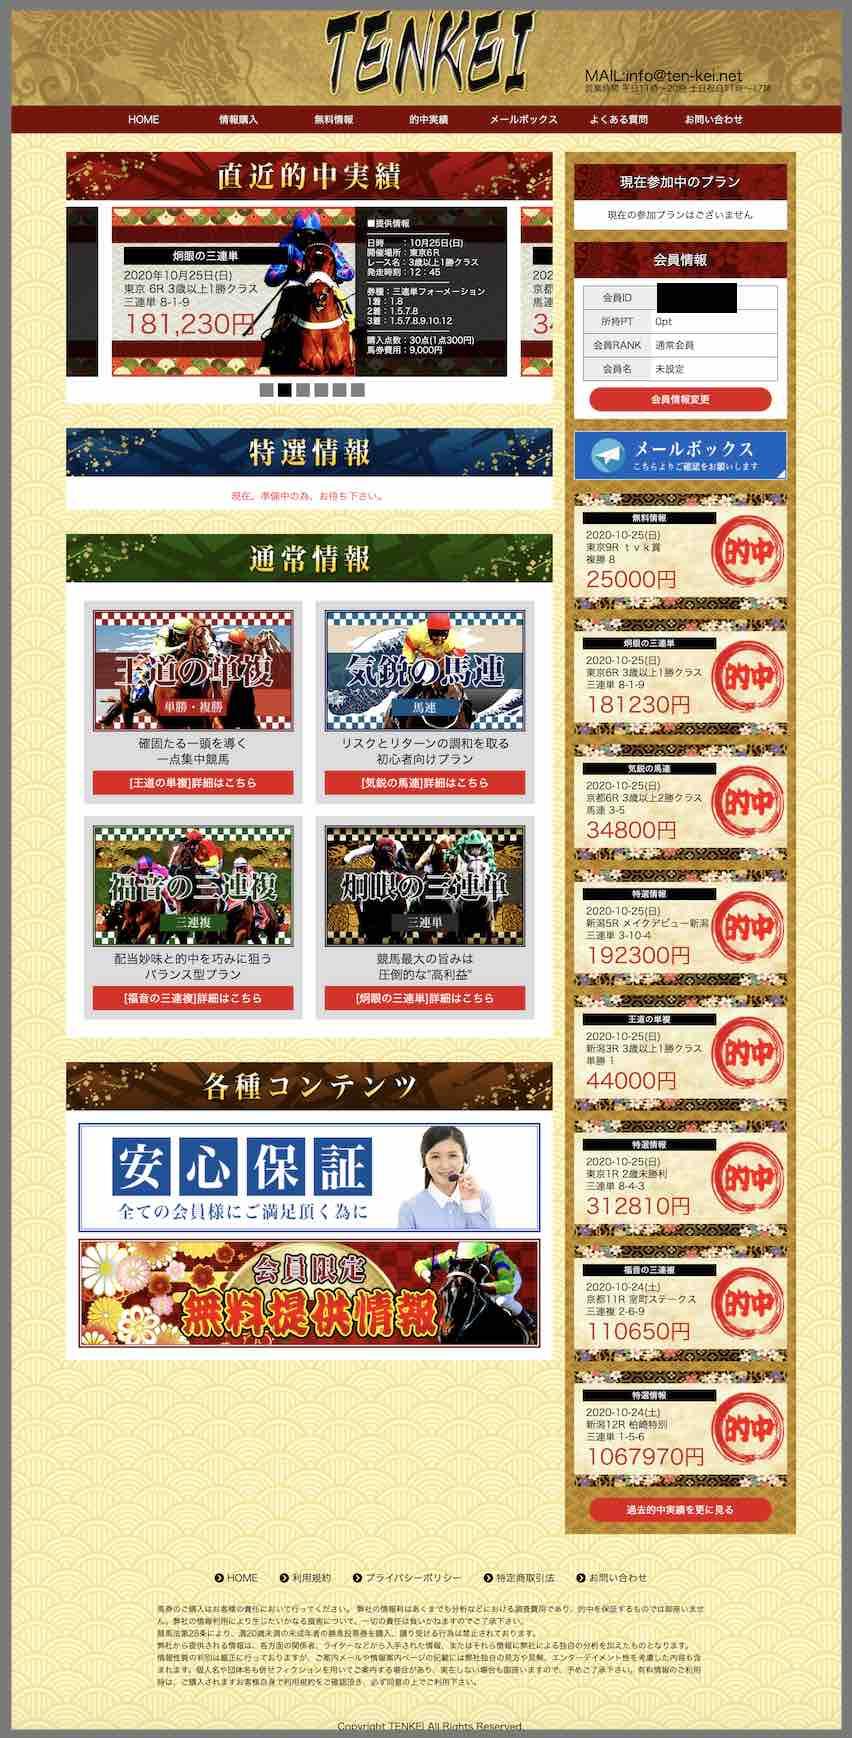 TENKEI(天啓)という競馬予想サイトの会員ページ